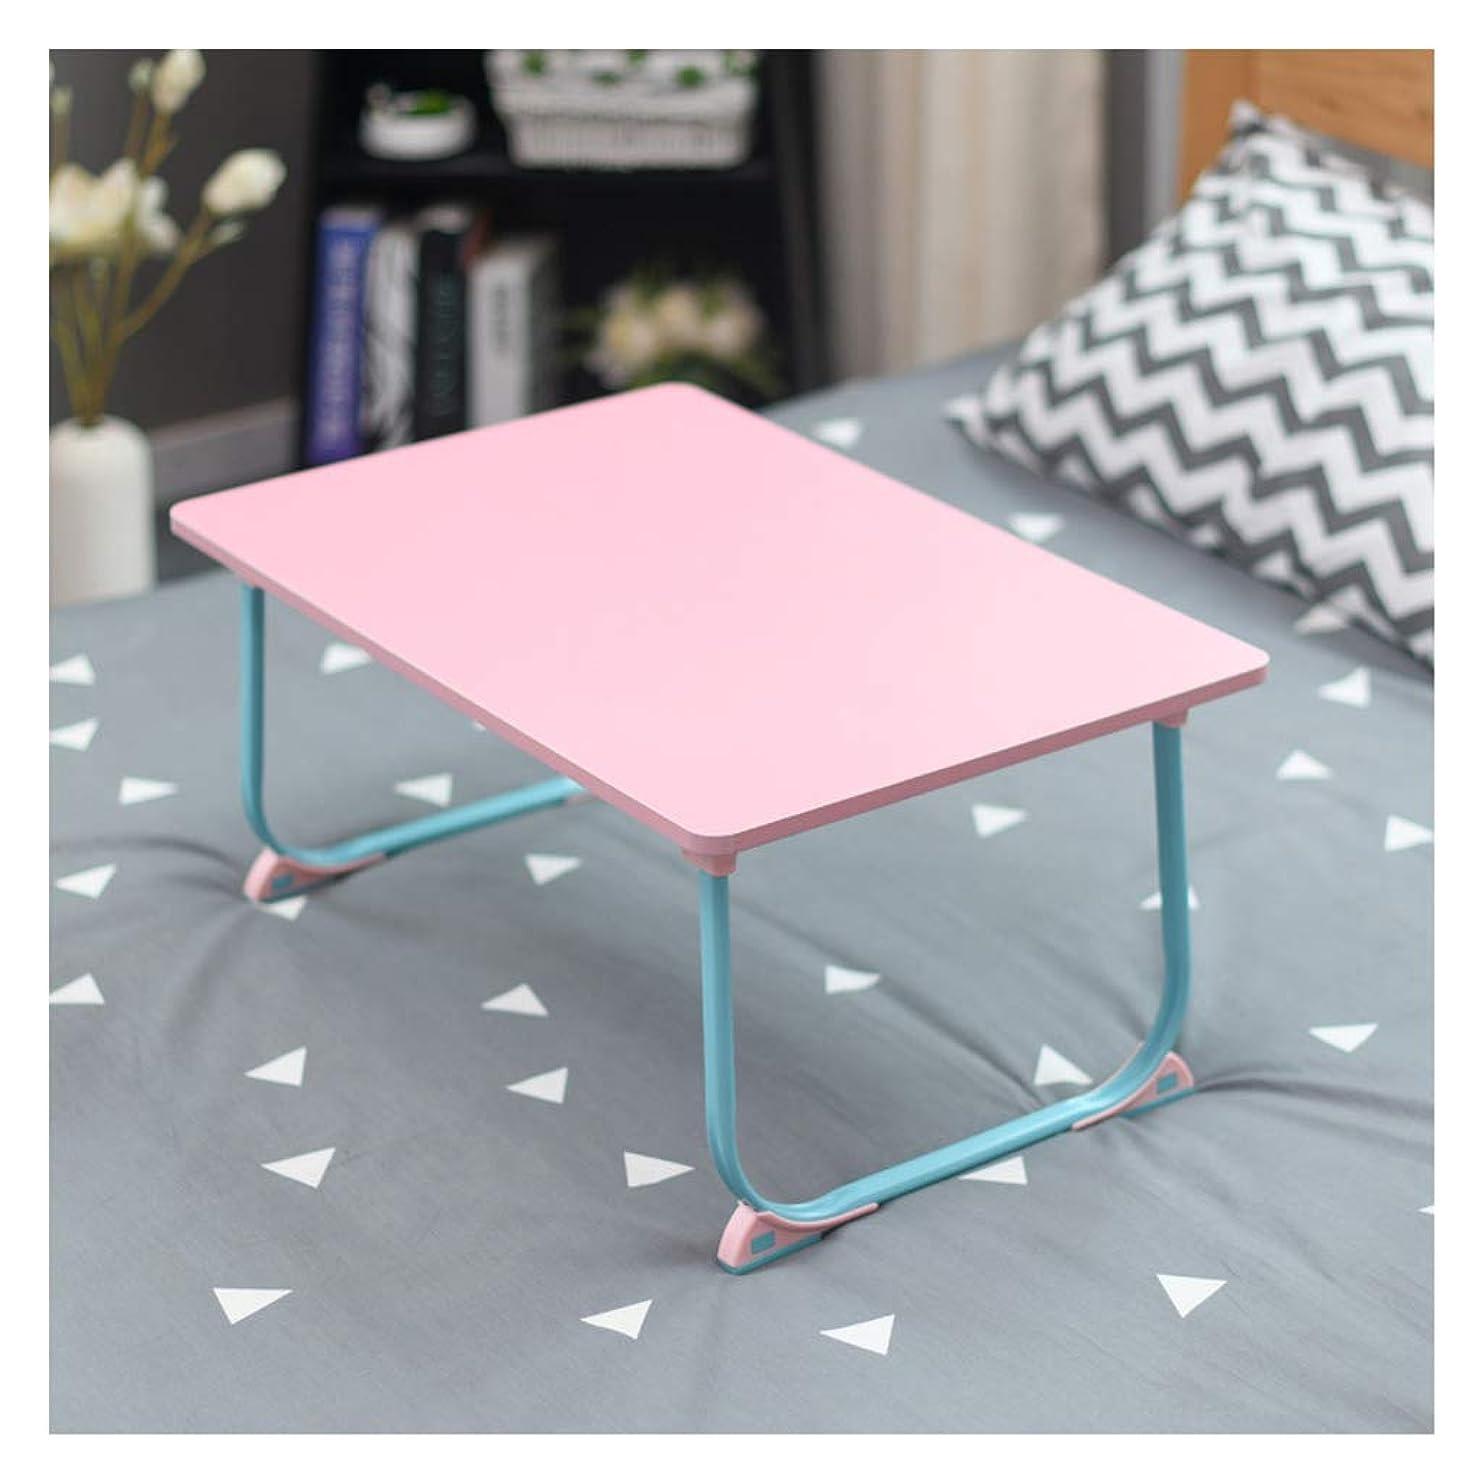 できない偽物レキシコンコーヒーテーブル ソファサイドテーブル 折りたたみ式 ラップトップテーブル ベッド ローテーブル 勉強台 コンソールテーブル インストールする必要はありません サイドテーブル-ピンク-カードスロットなし